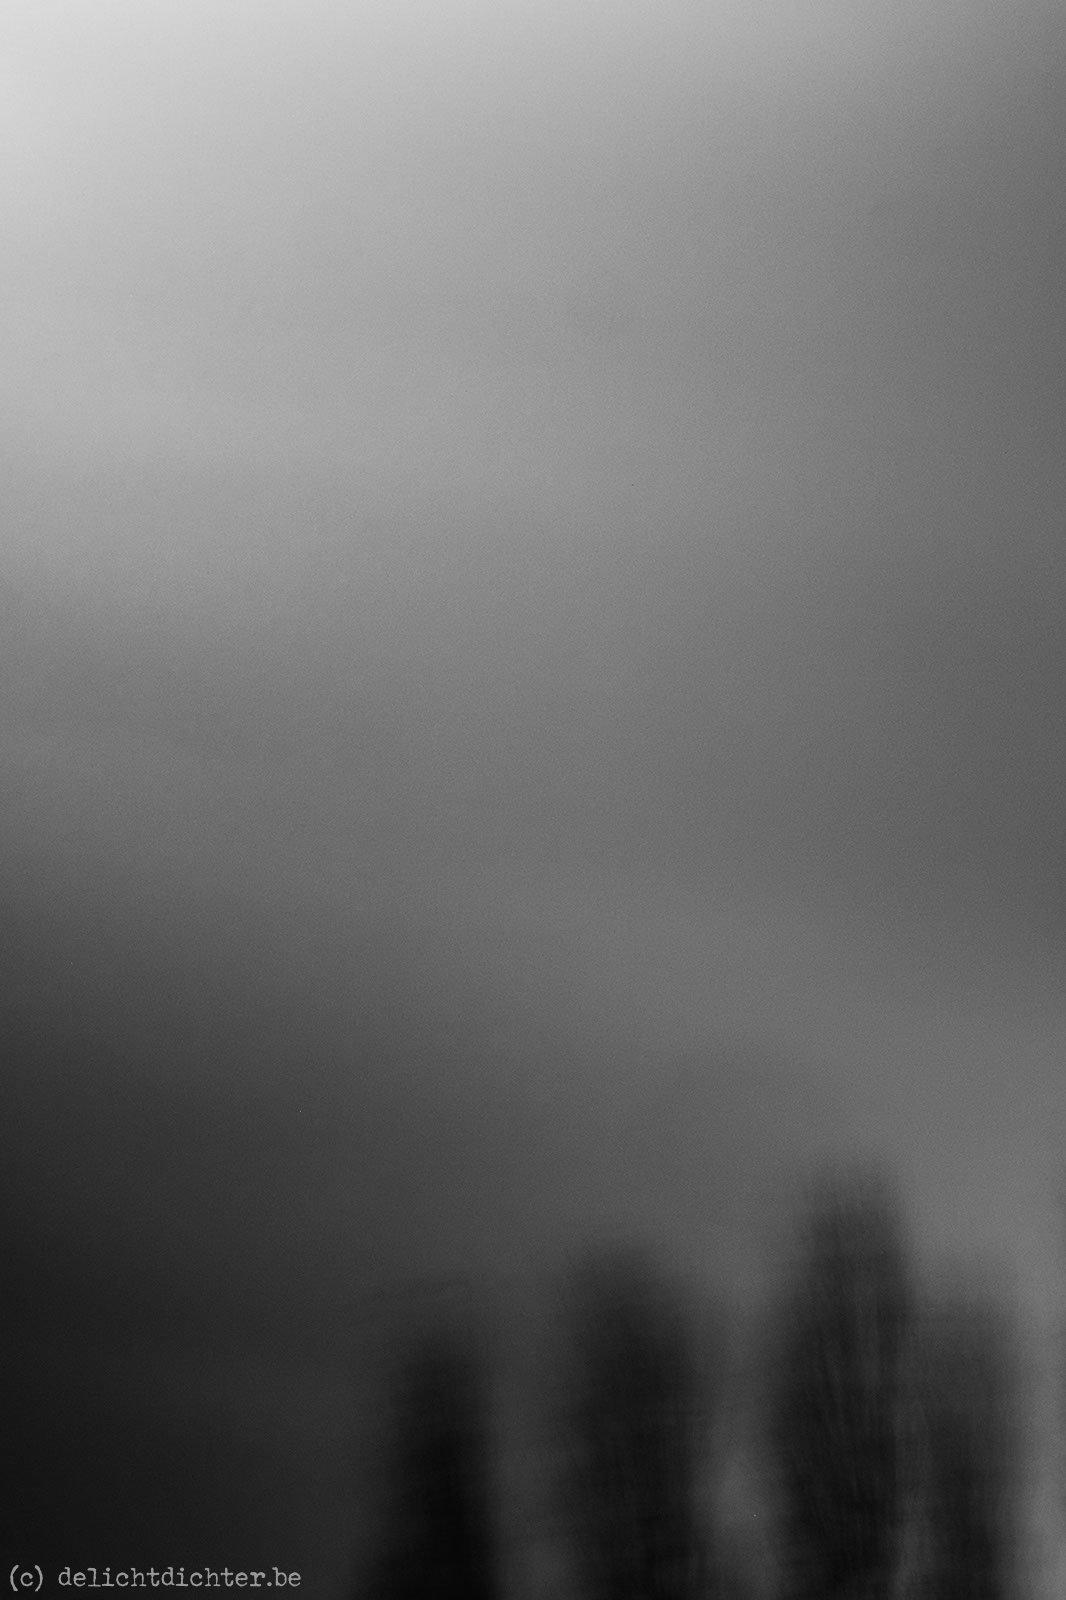 2012_11_storm_20121125_100204_dxo_v8_2